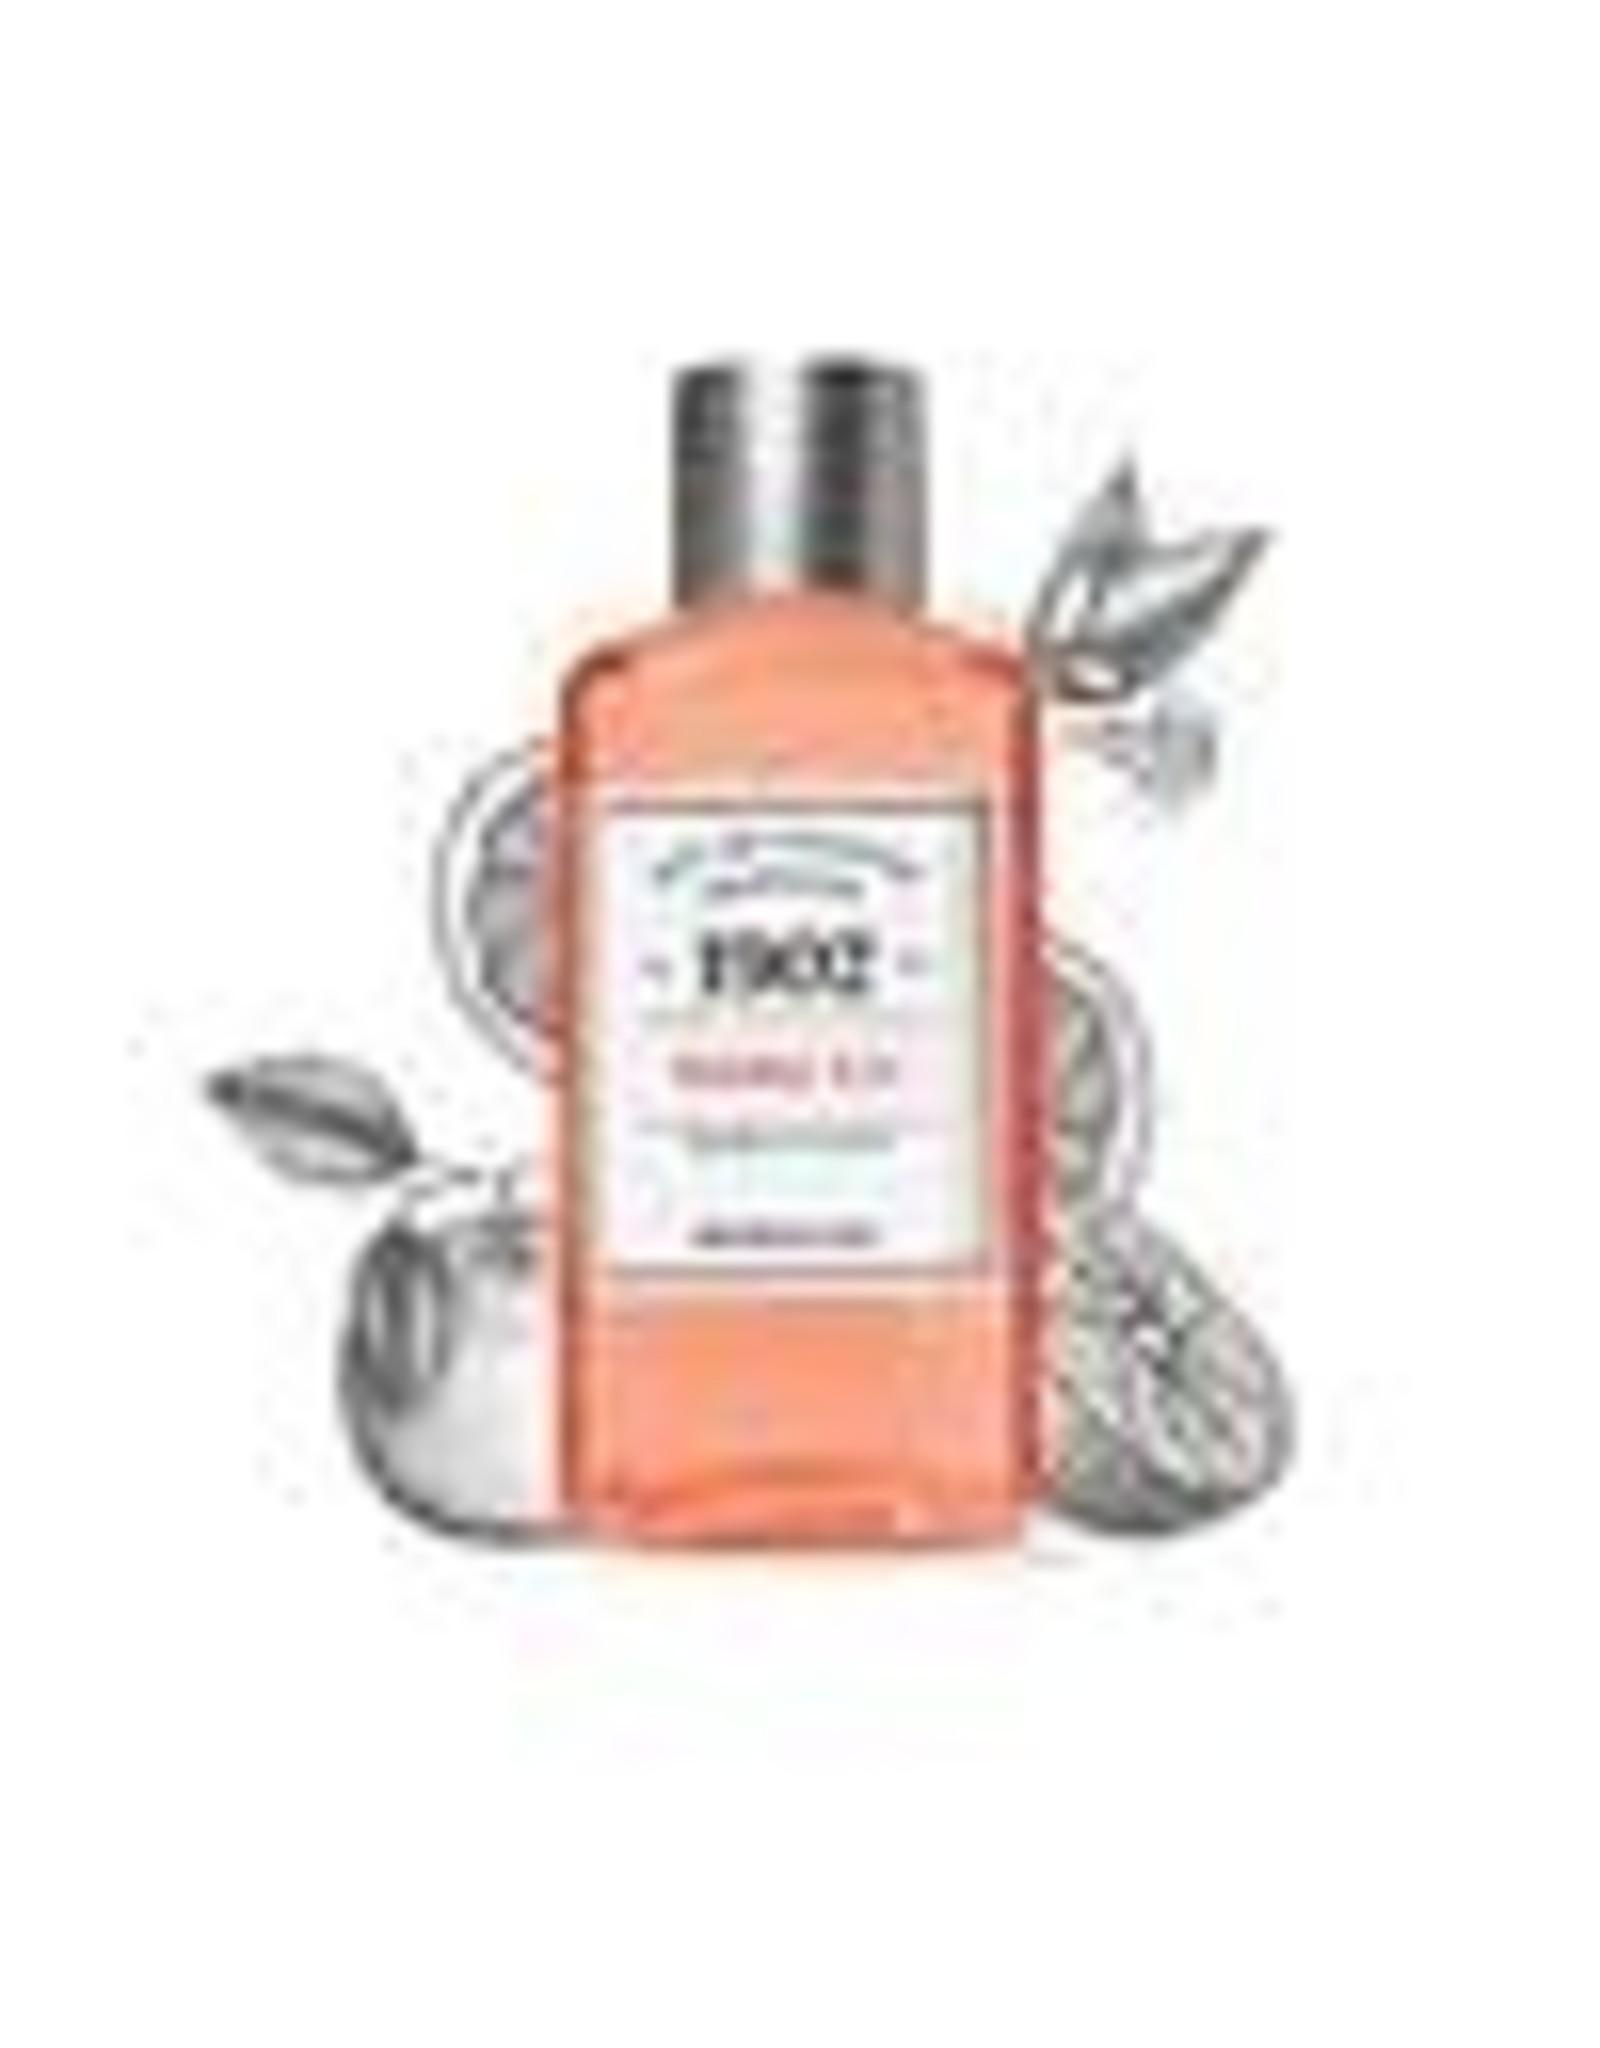 Berdoues Orange Fizz  - 1902 Tradition - Berdoues - Eau De Cologne